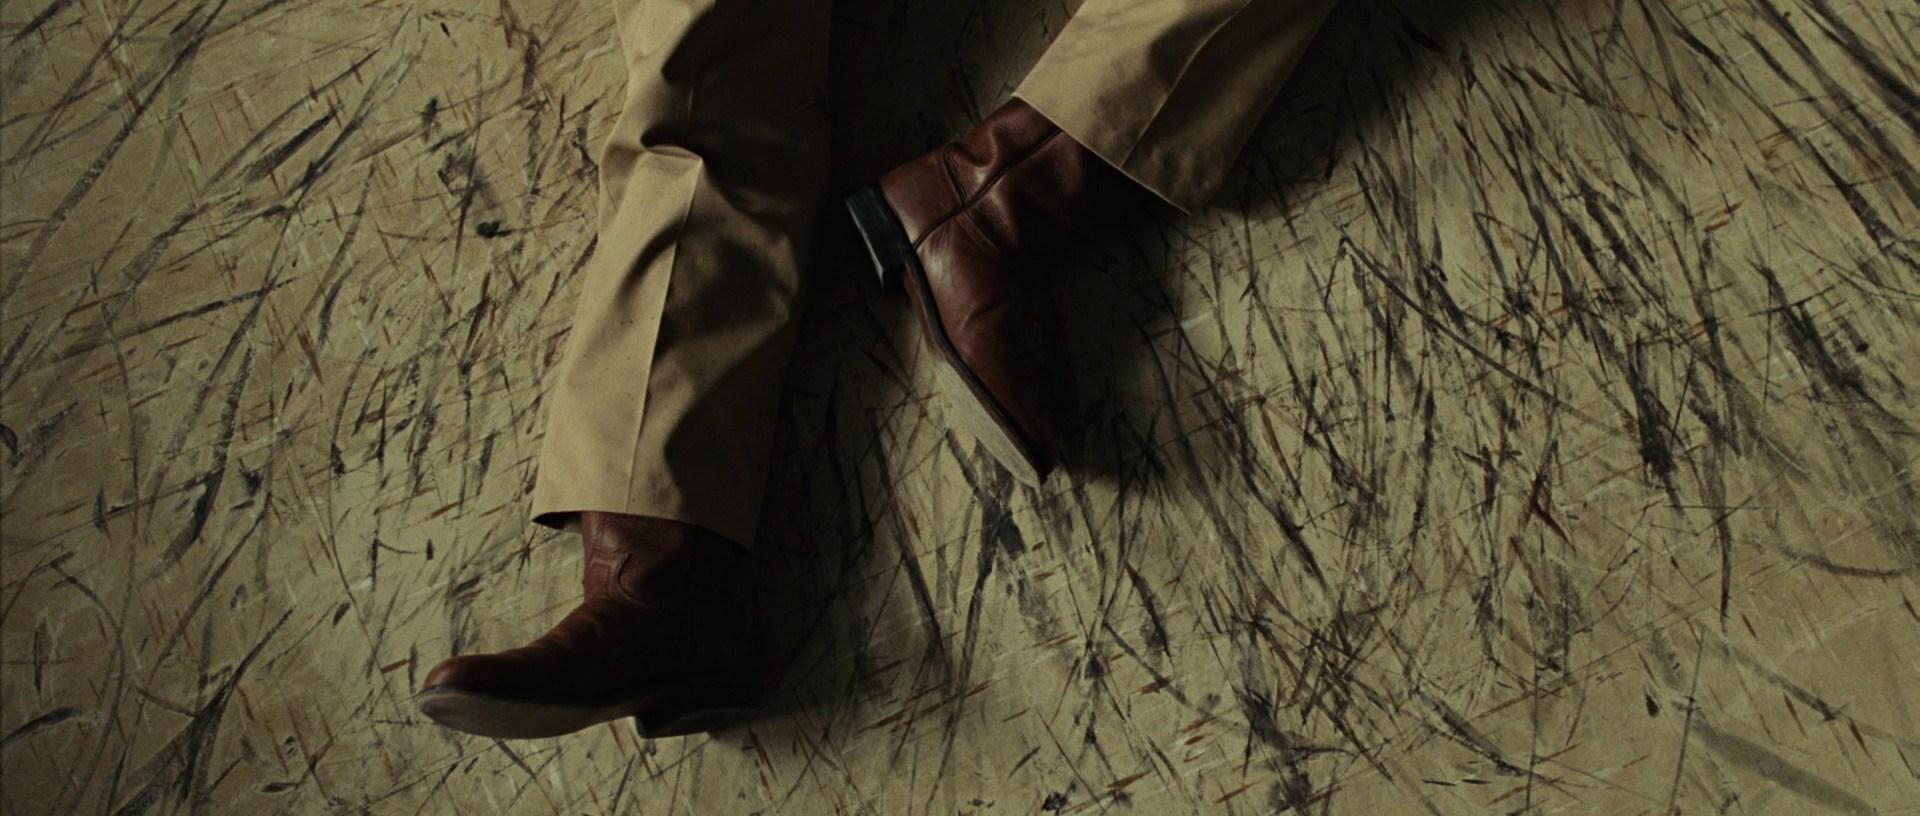 no-country-for-old-men-movie-screencaps.com-237.jpg